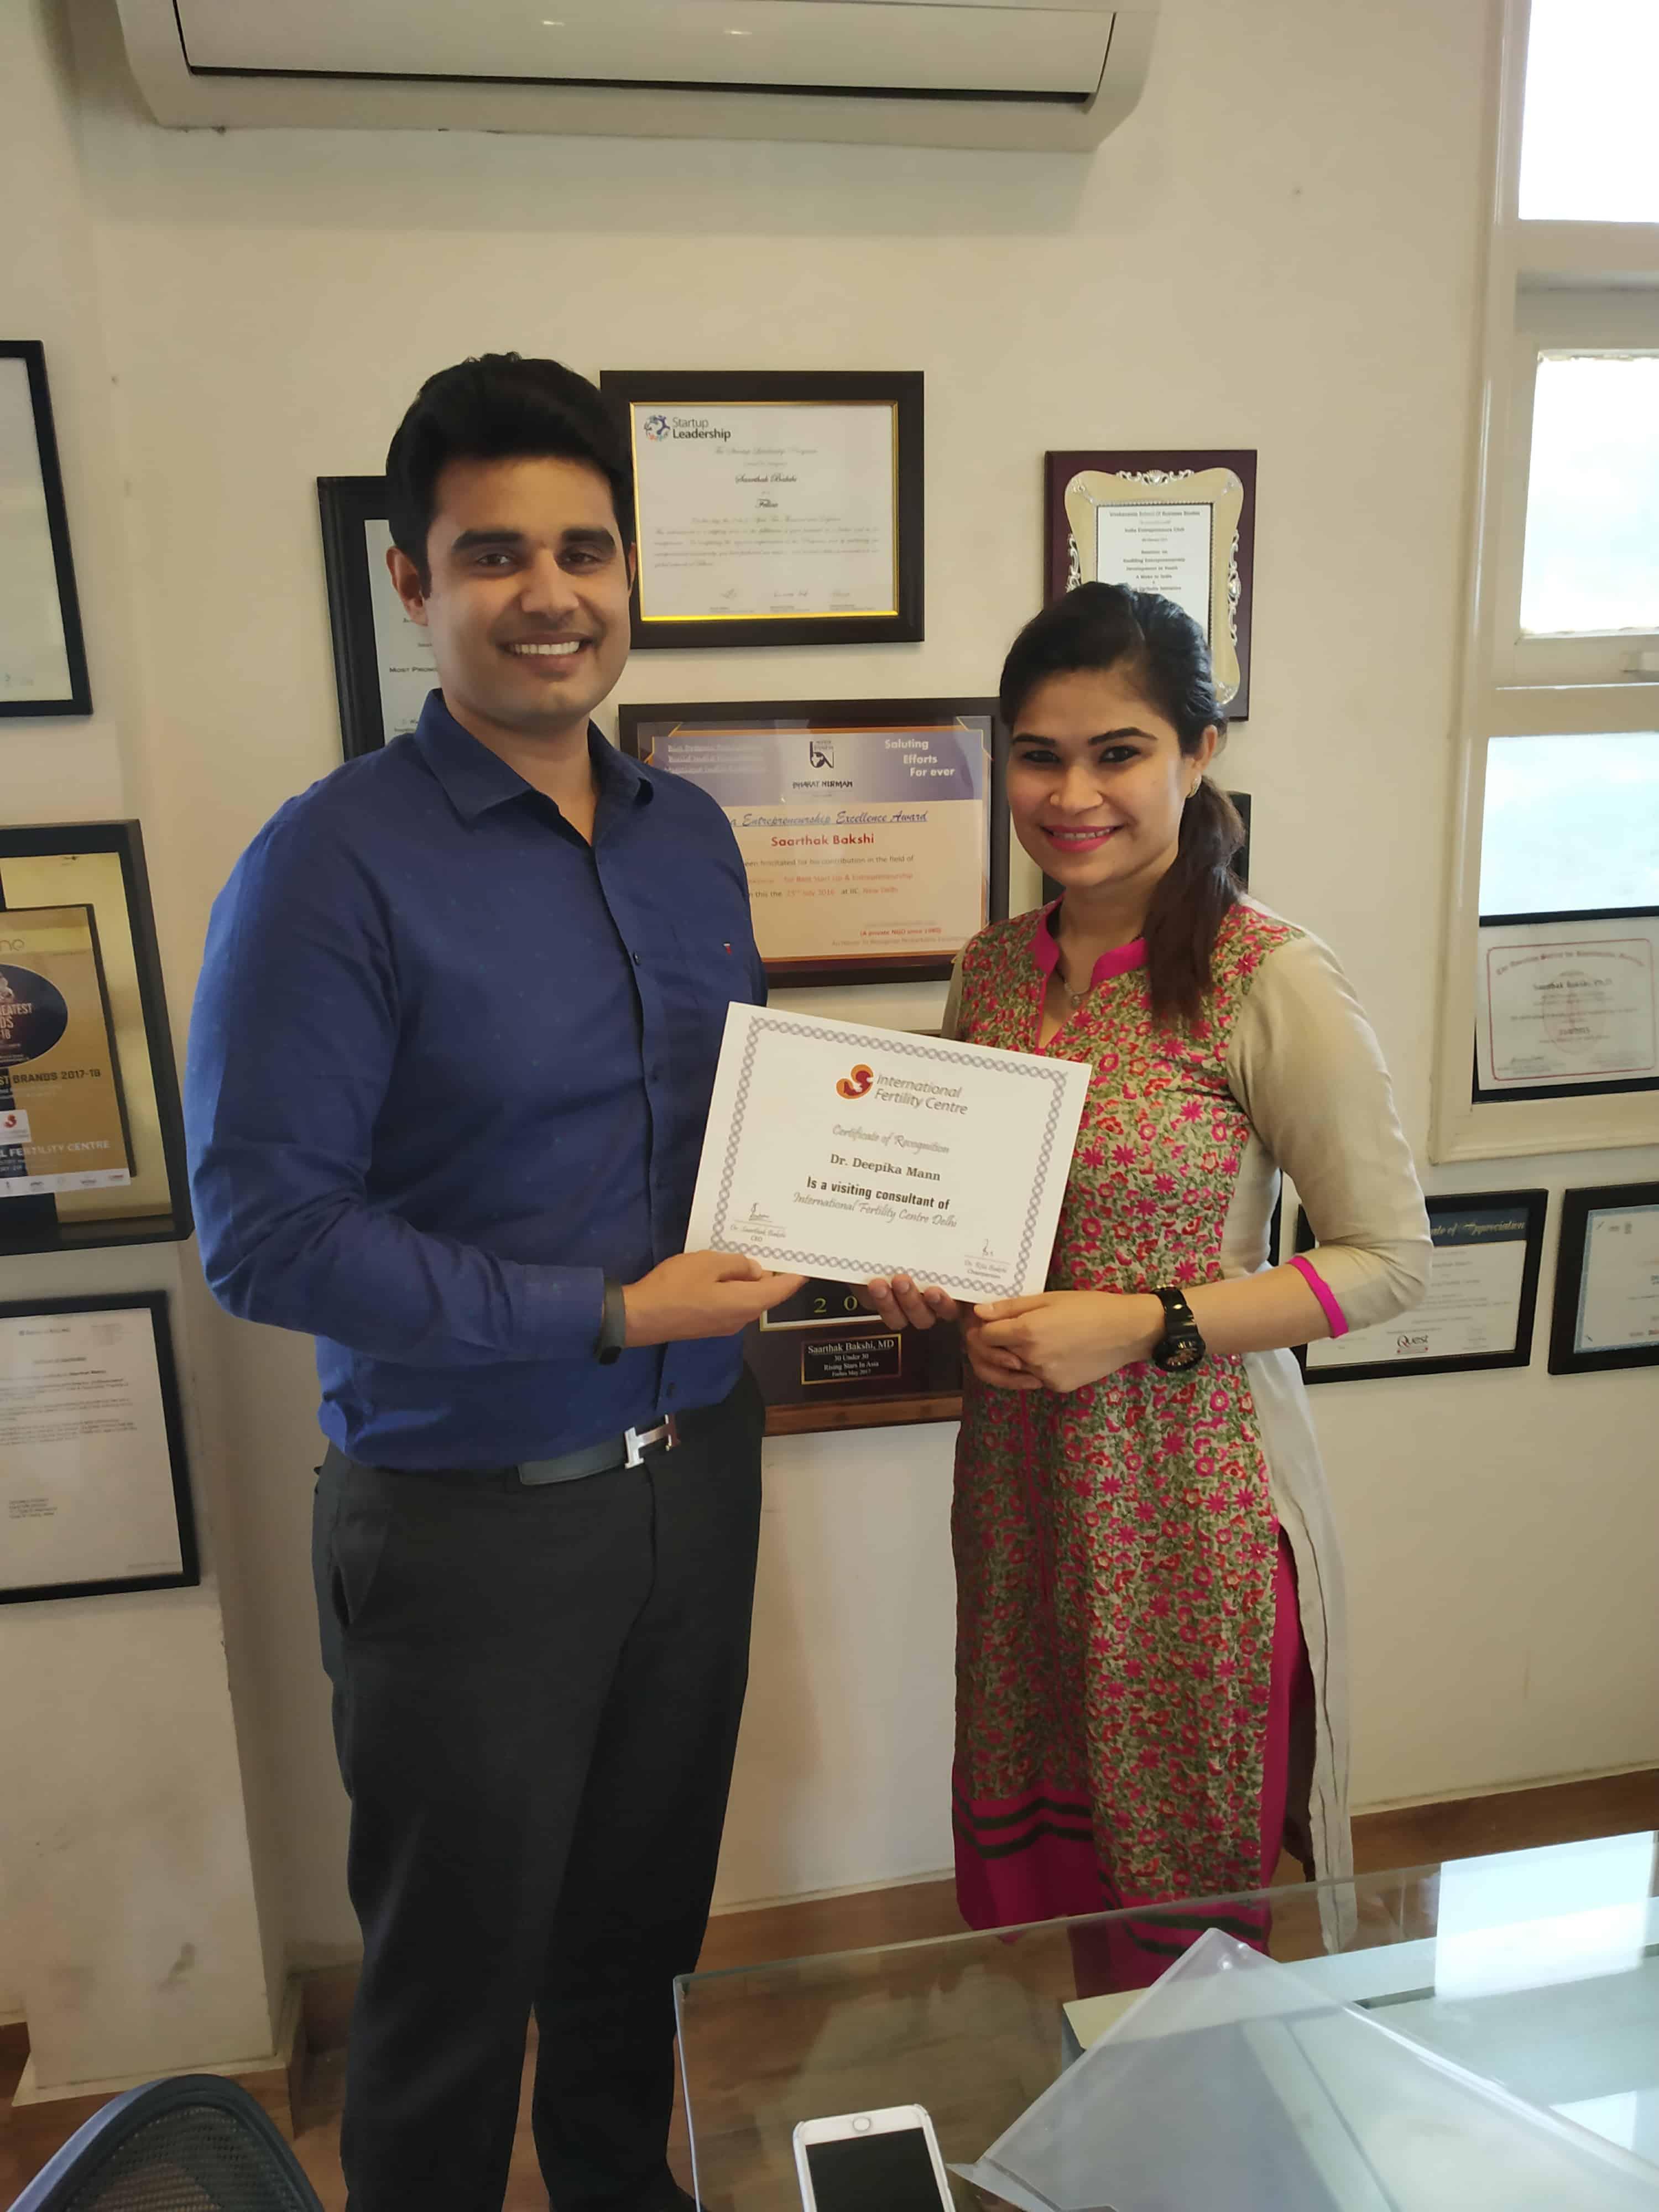 Dr. Deepika Mann